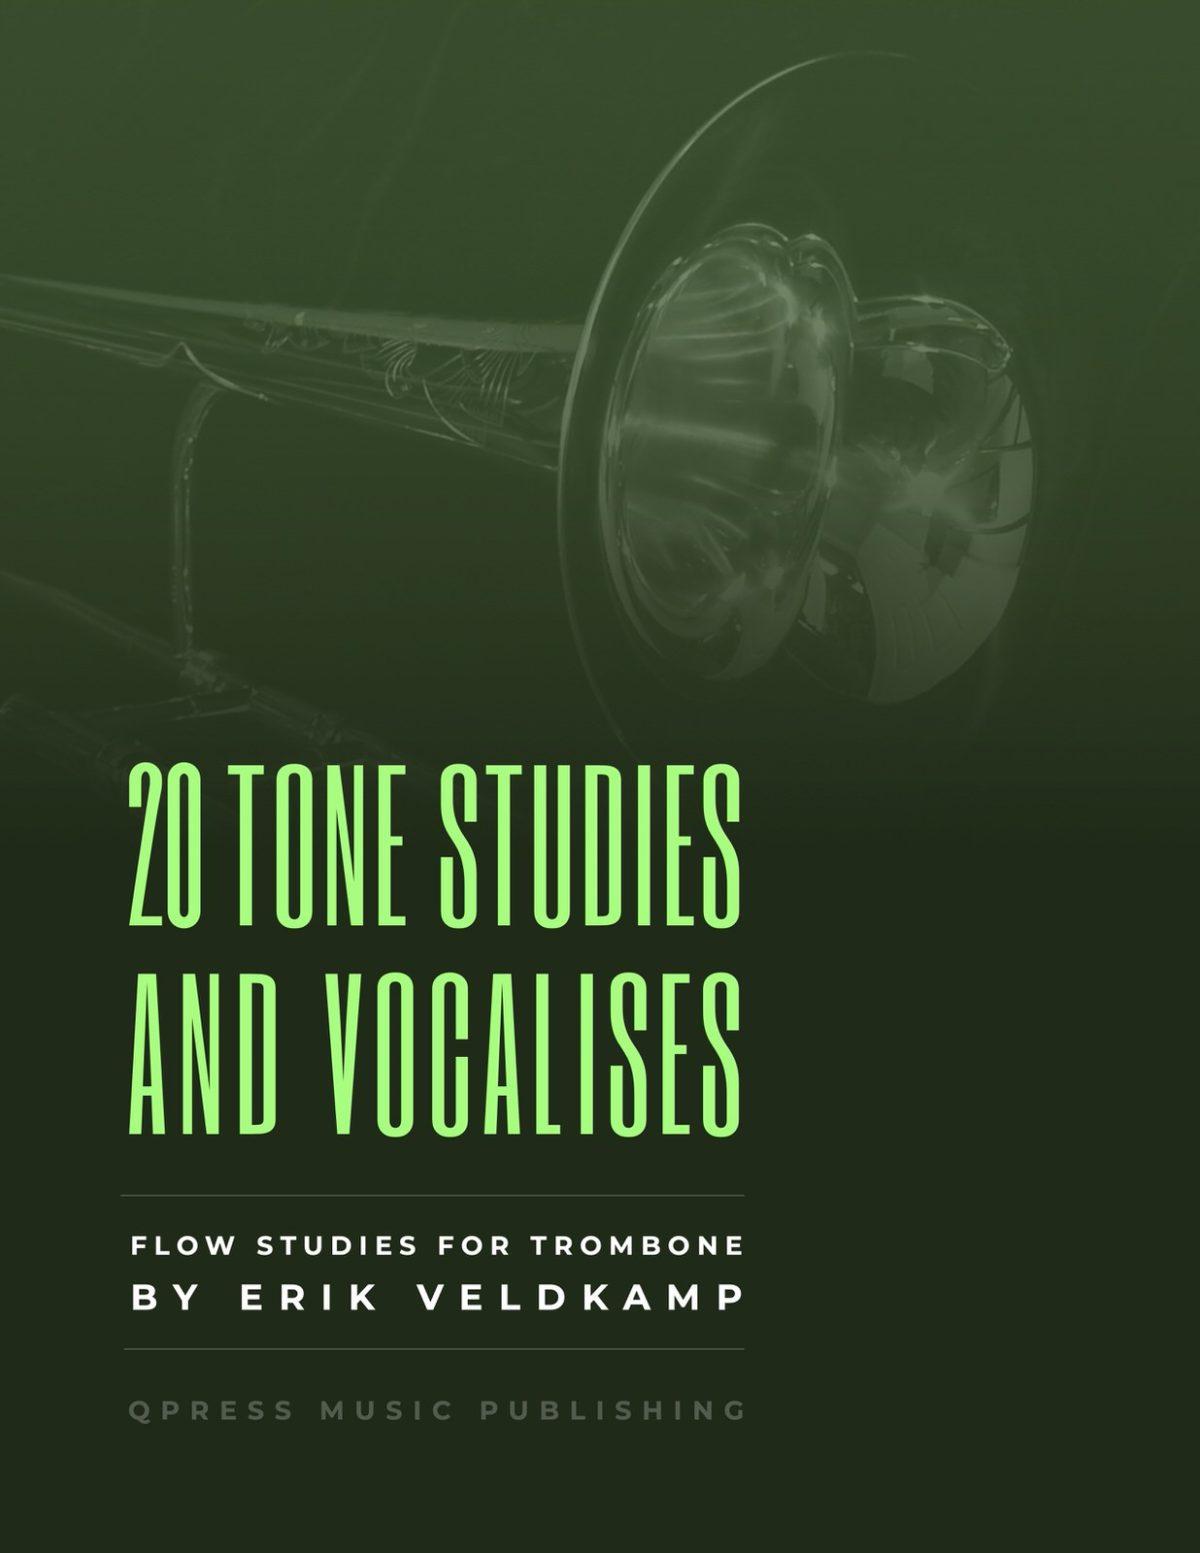 Veldkamp, 20 Tone Studies & Vocalises for Trombone-p01